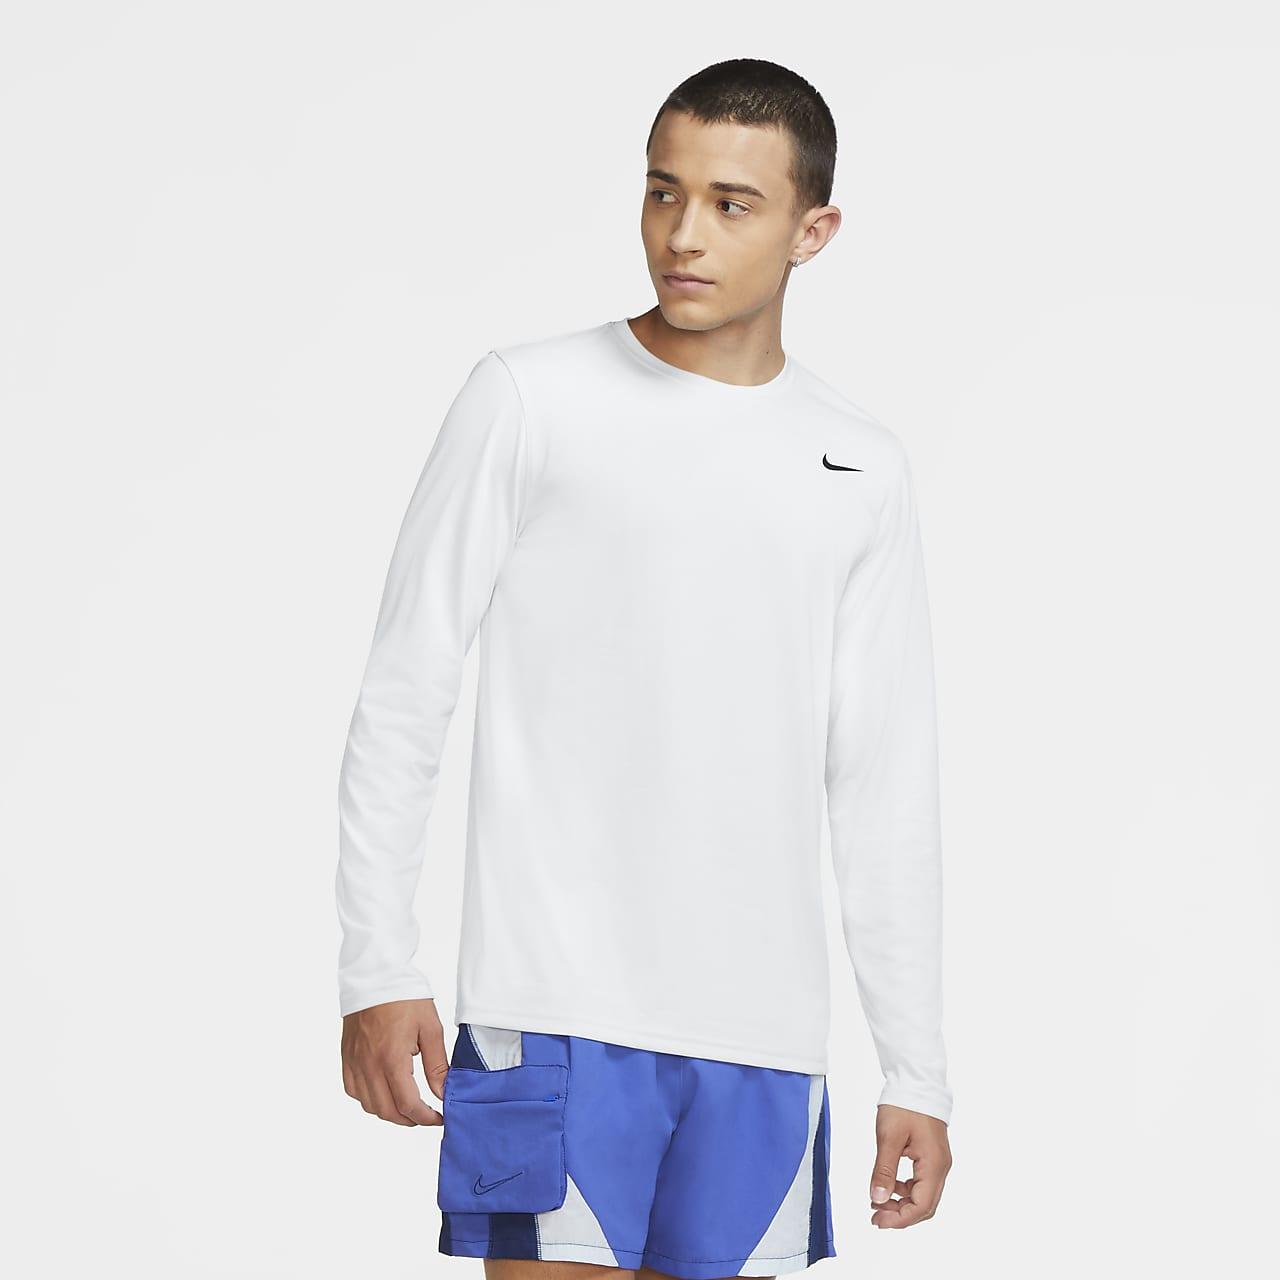 984d68e76733dc Nike Dri-FIT Legend 2.0 Men's Long-Sleeve Training Top. Nike.com